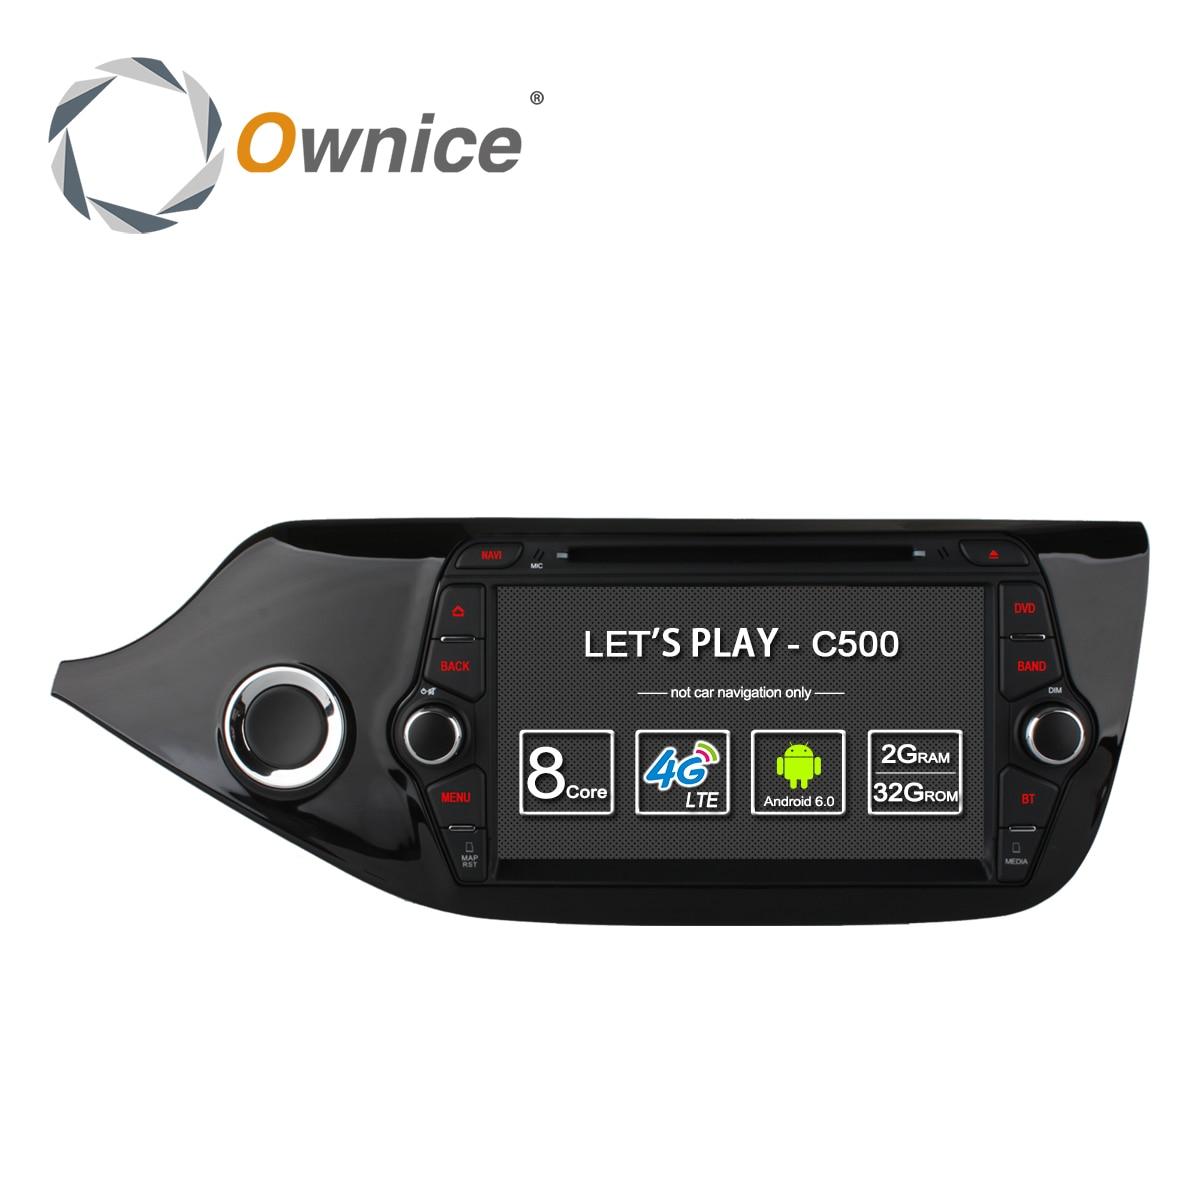 Ownice С500 SIM-карты и 4G LTE Окта 8 ядра Android 6.0 для Kia Ceed в 2013-2015 Автомобильный DVD плеер GPS NAVI Радио беспроводной интернет 4G в БТ 2 ГБ ОЗУ, 32 Гб ПЗУ